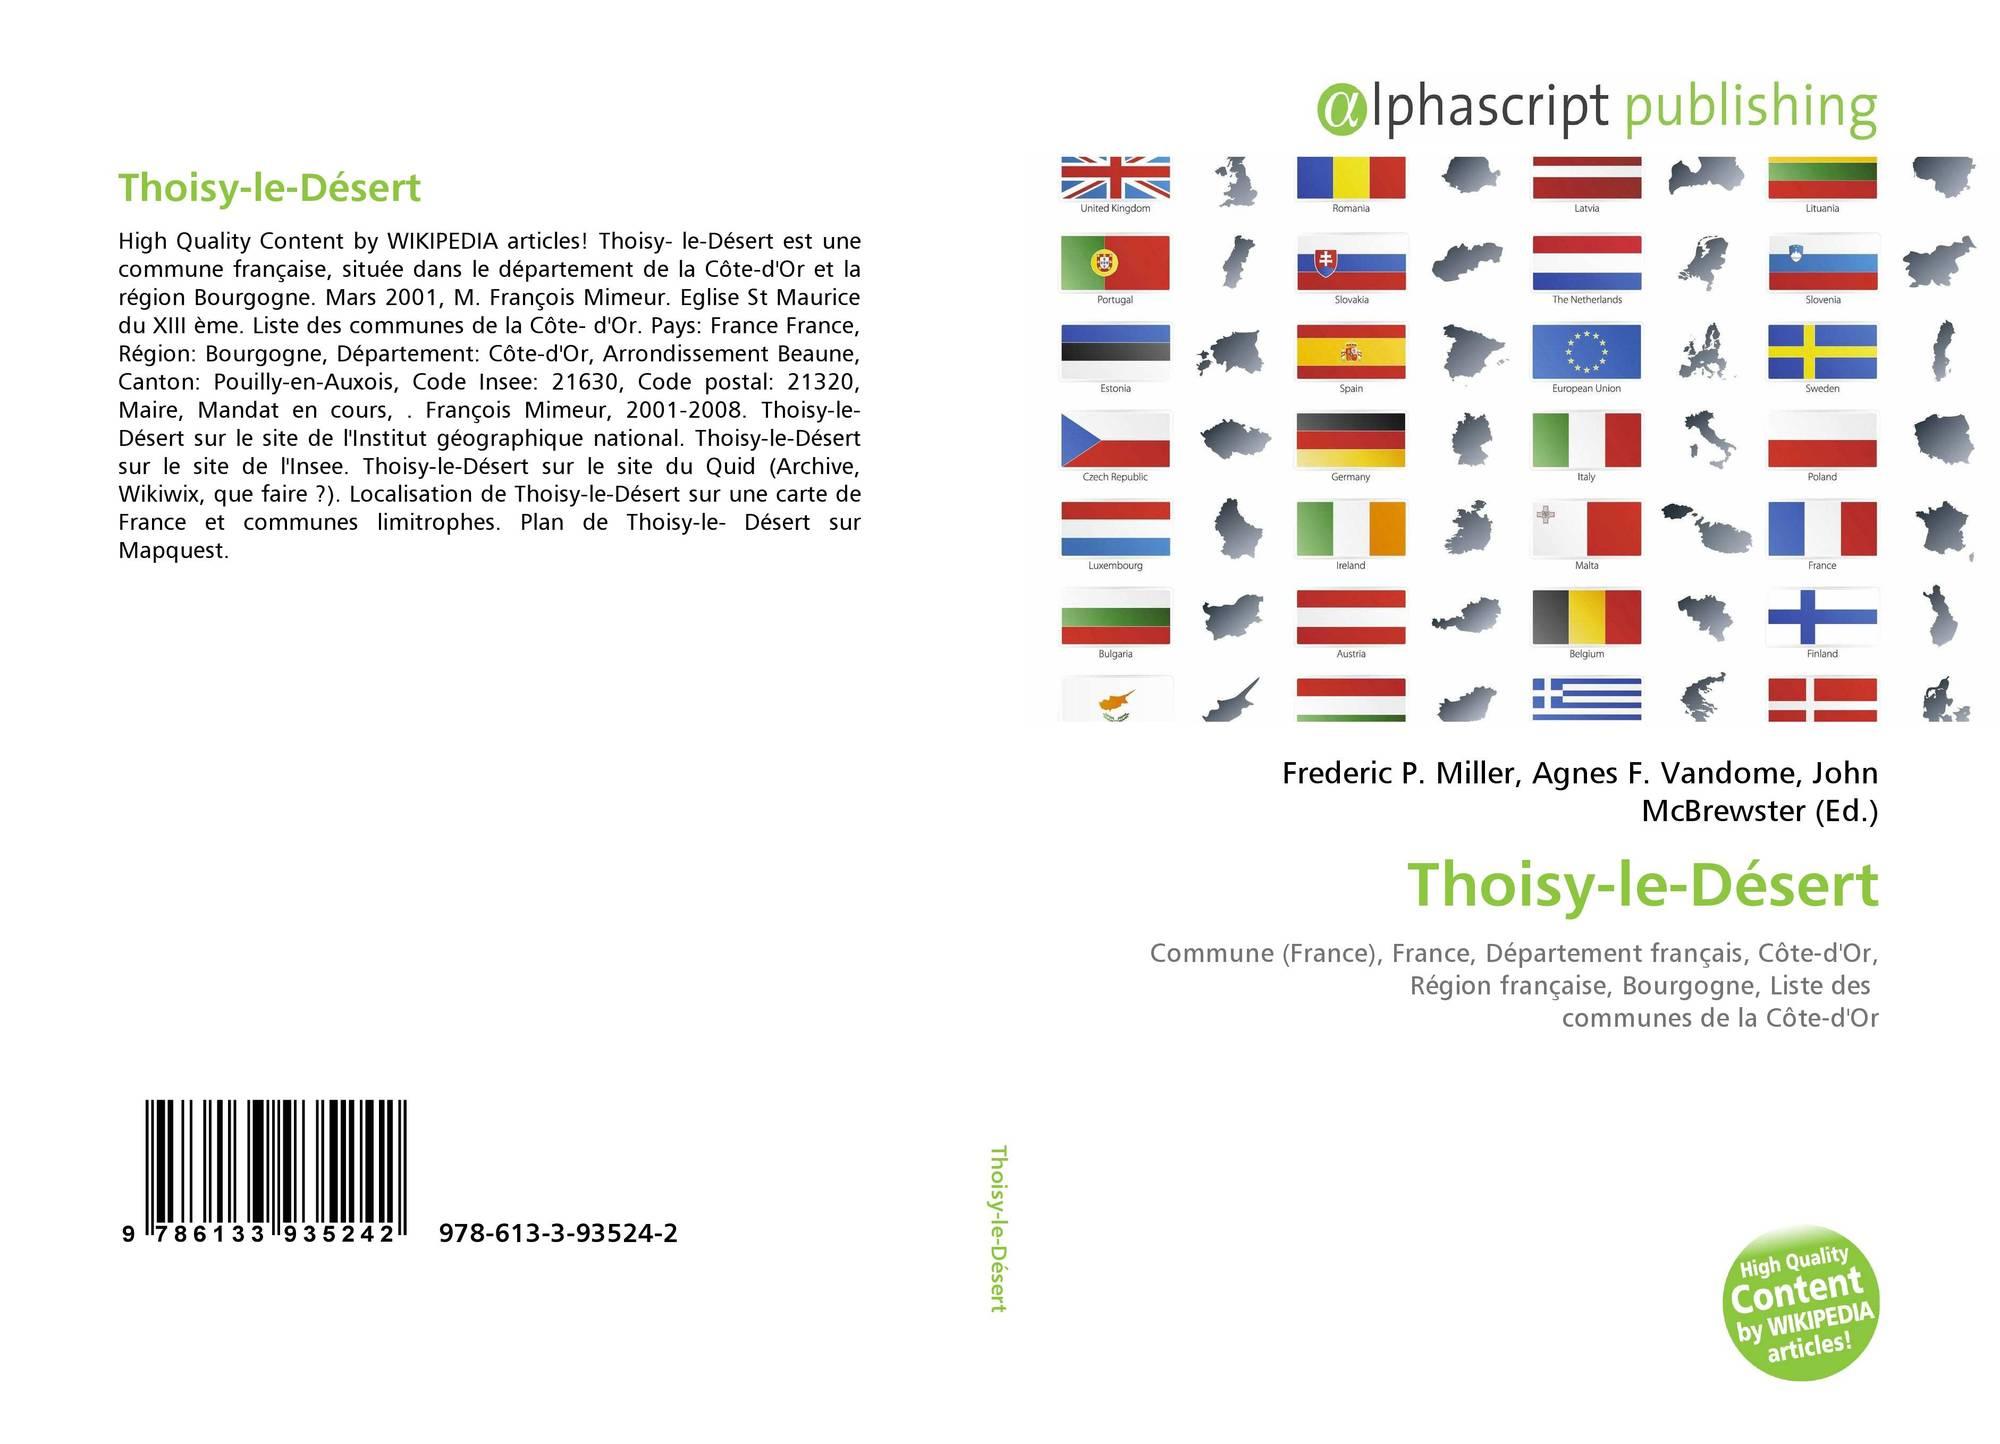 Thoisy-Le-Désert, 978-613-3-93524-2, 6133935243 ,9786133935242 destiné Listes Des Départements Français